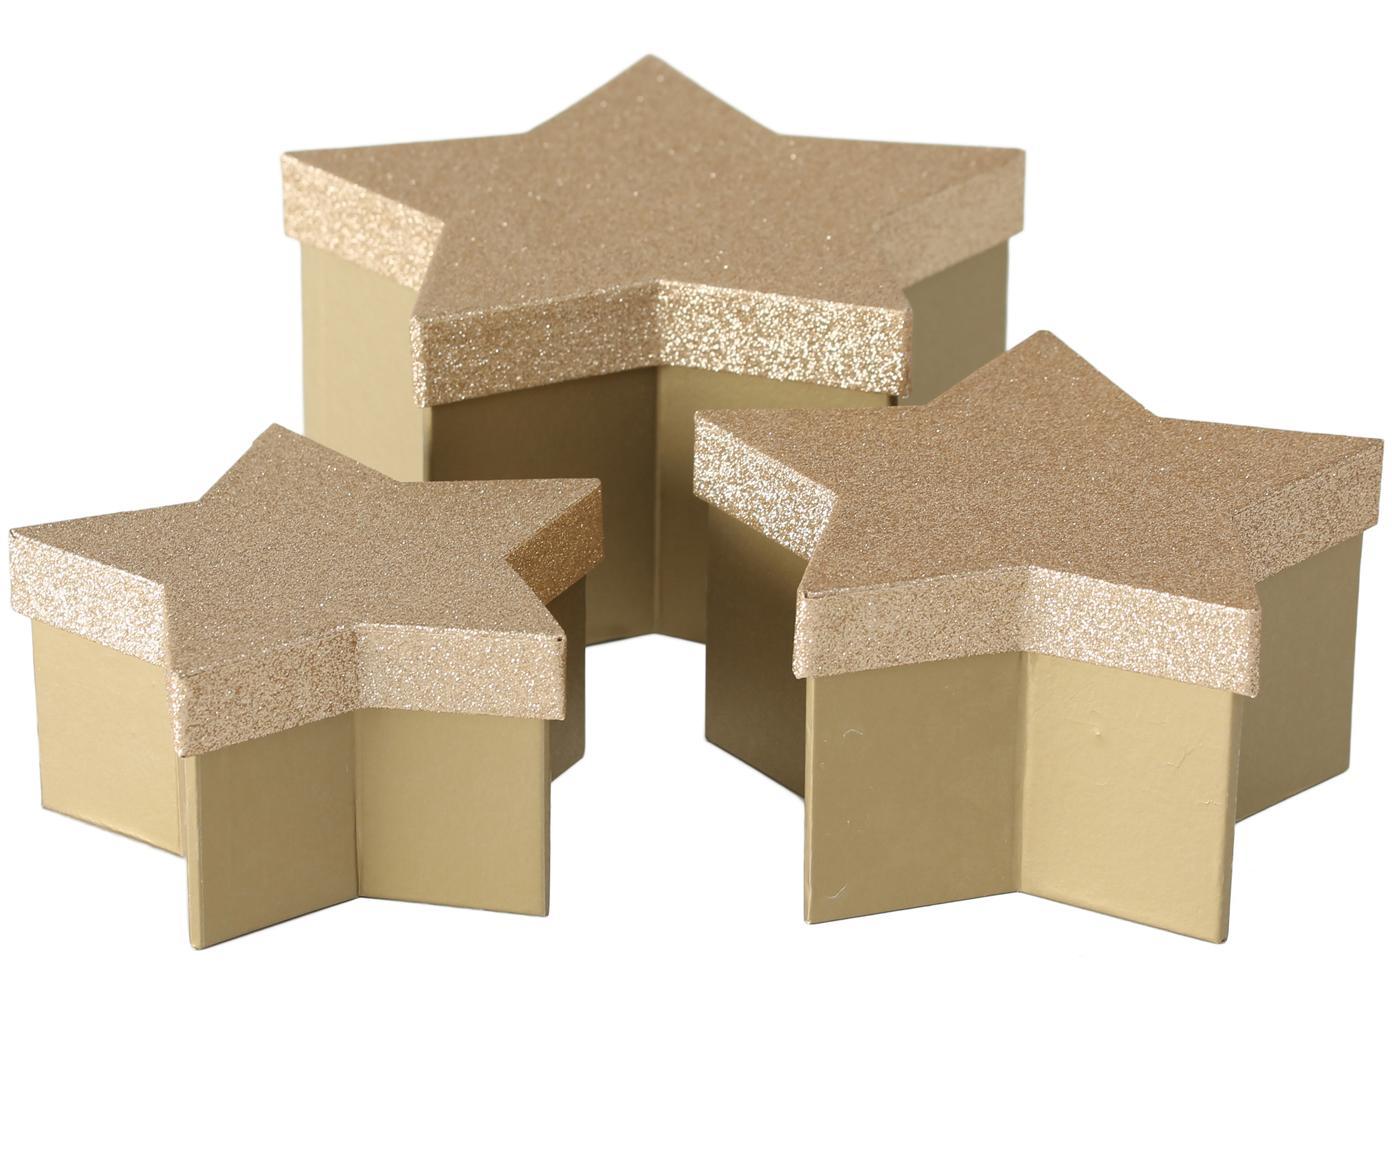 Geschenkboxen-Set Star, 3-tlg., Papier, Goldfarben, Sondergrößen